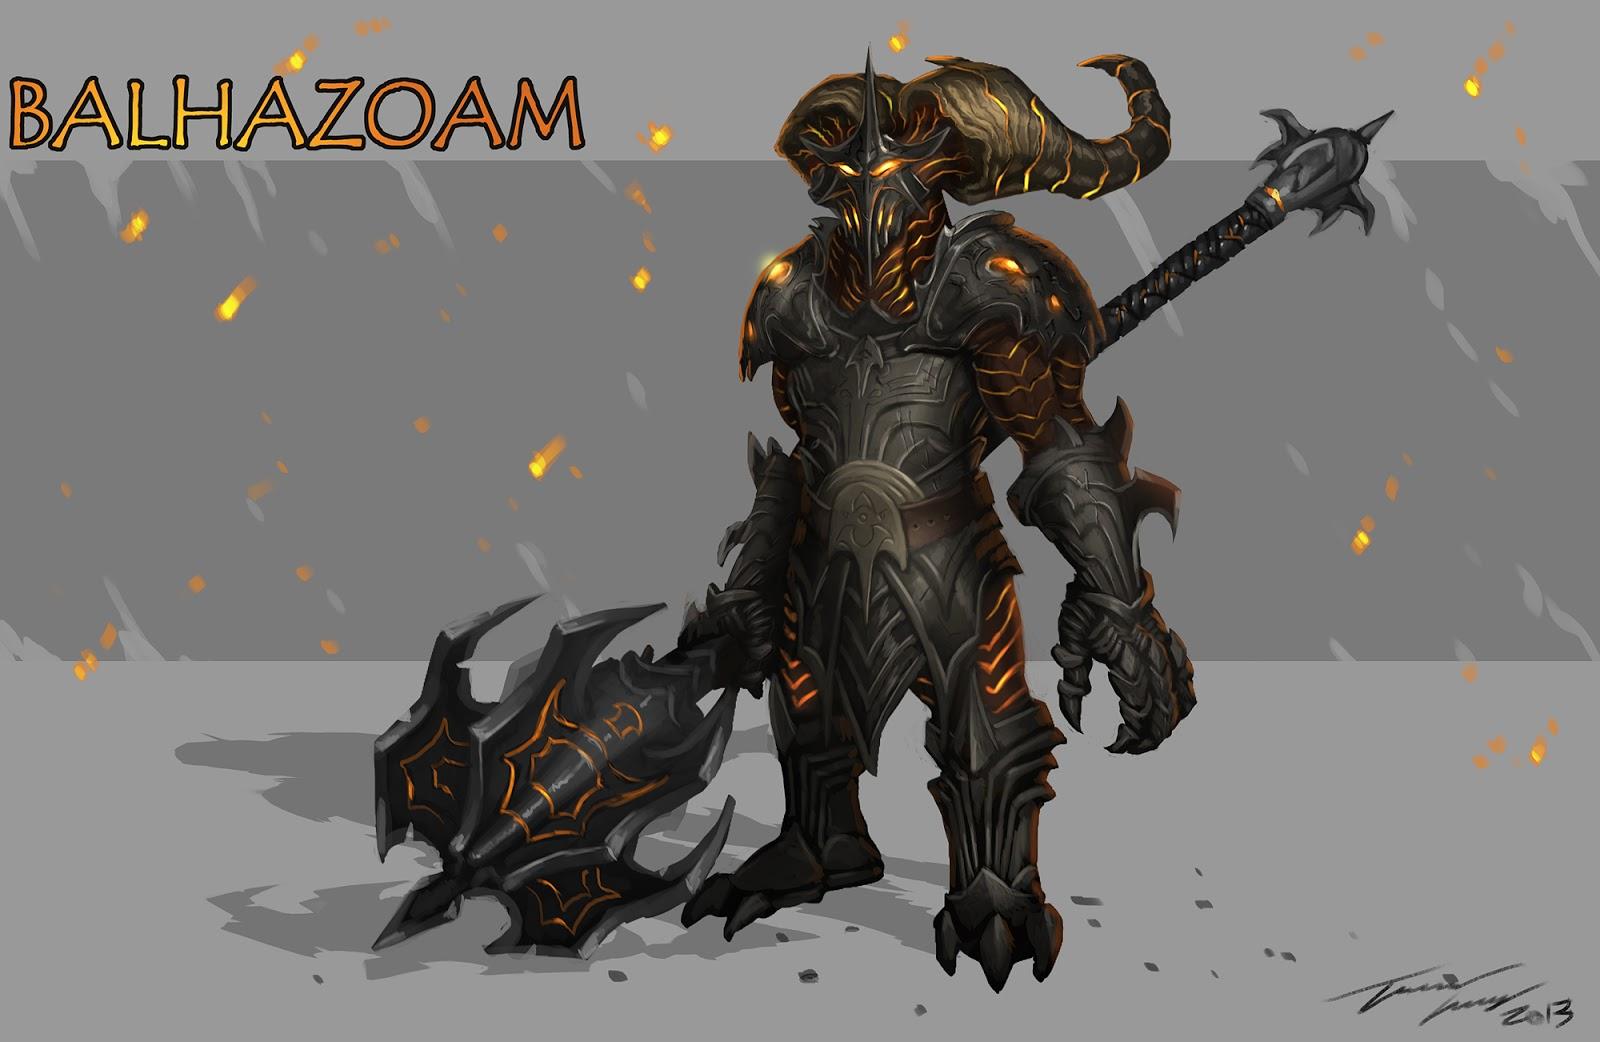 Balhazoam